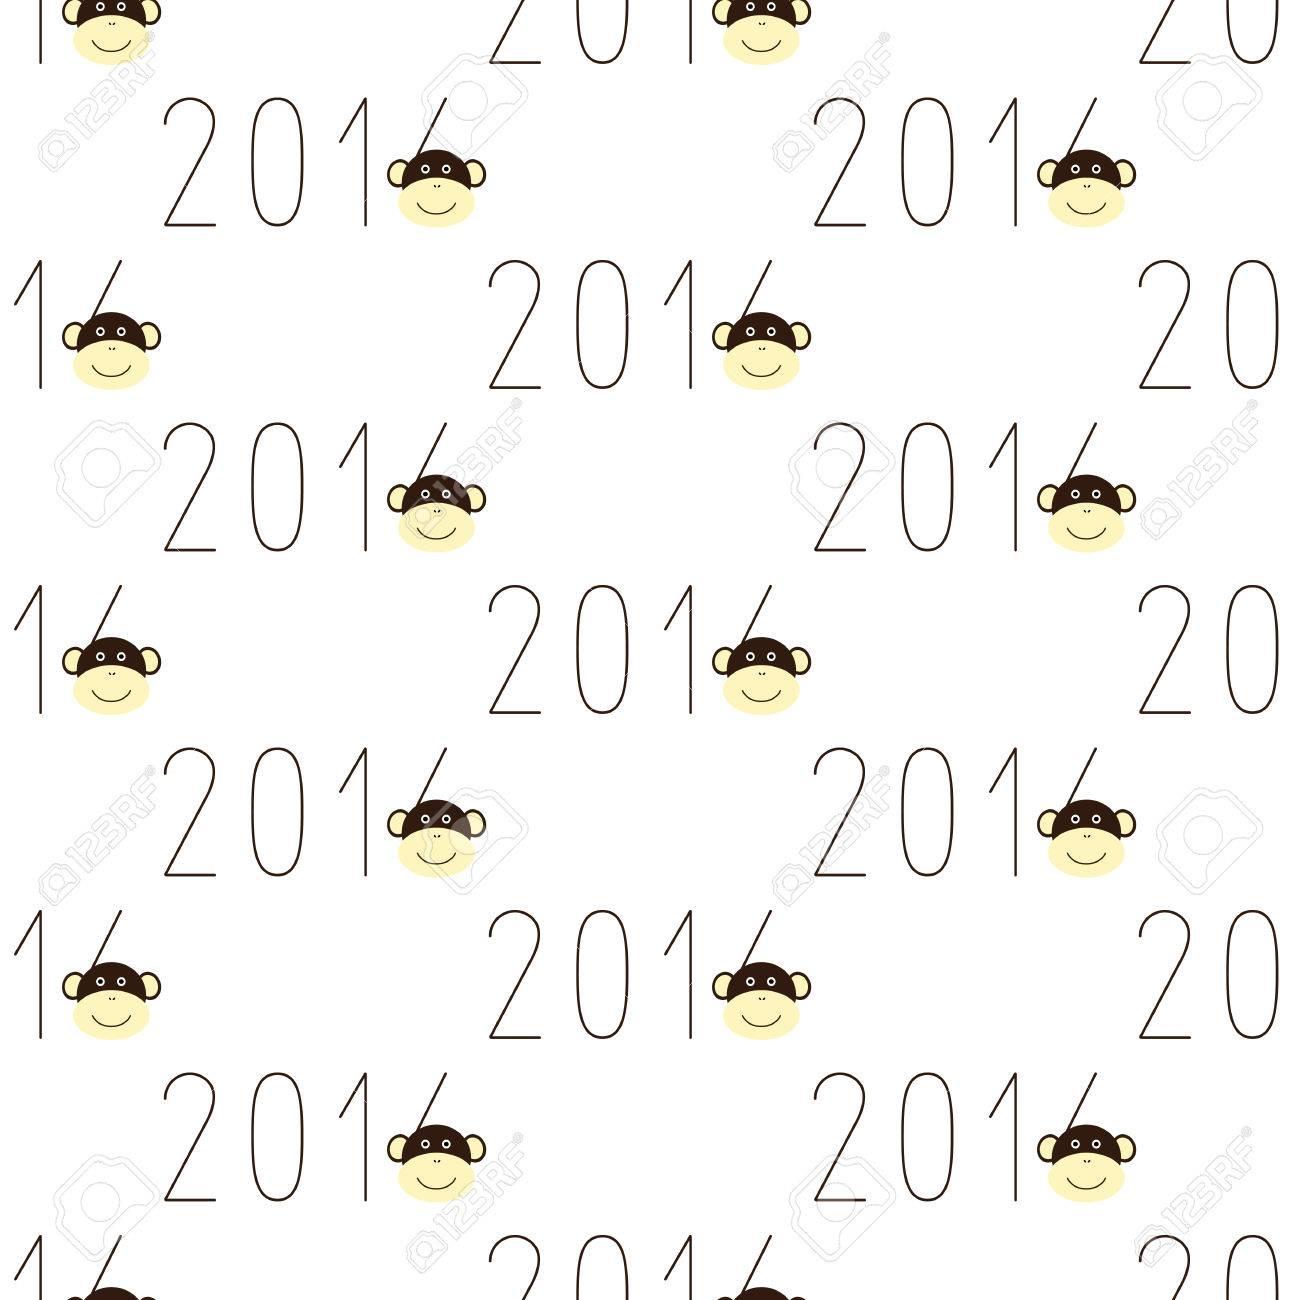 Nahtloses Muster Mit Sich Wiederholenden Zahlen 2016 Und Lächelnd ...